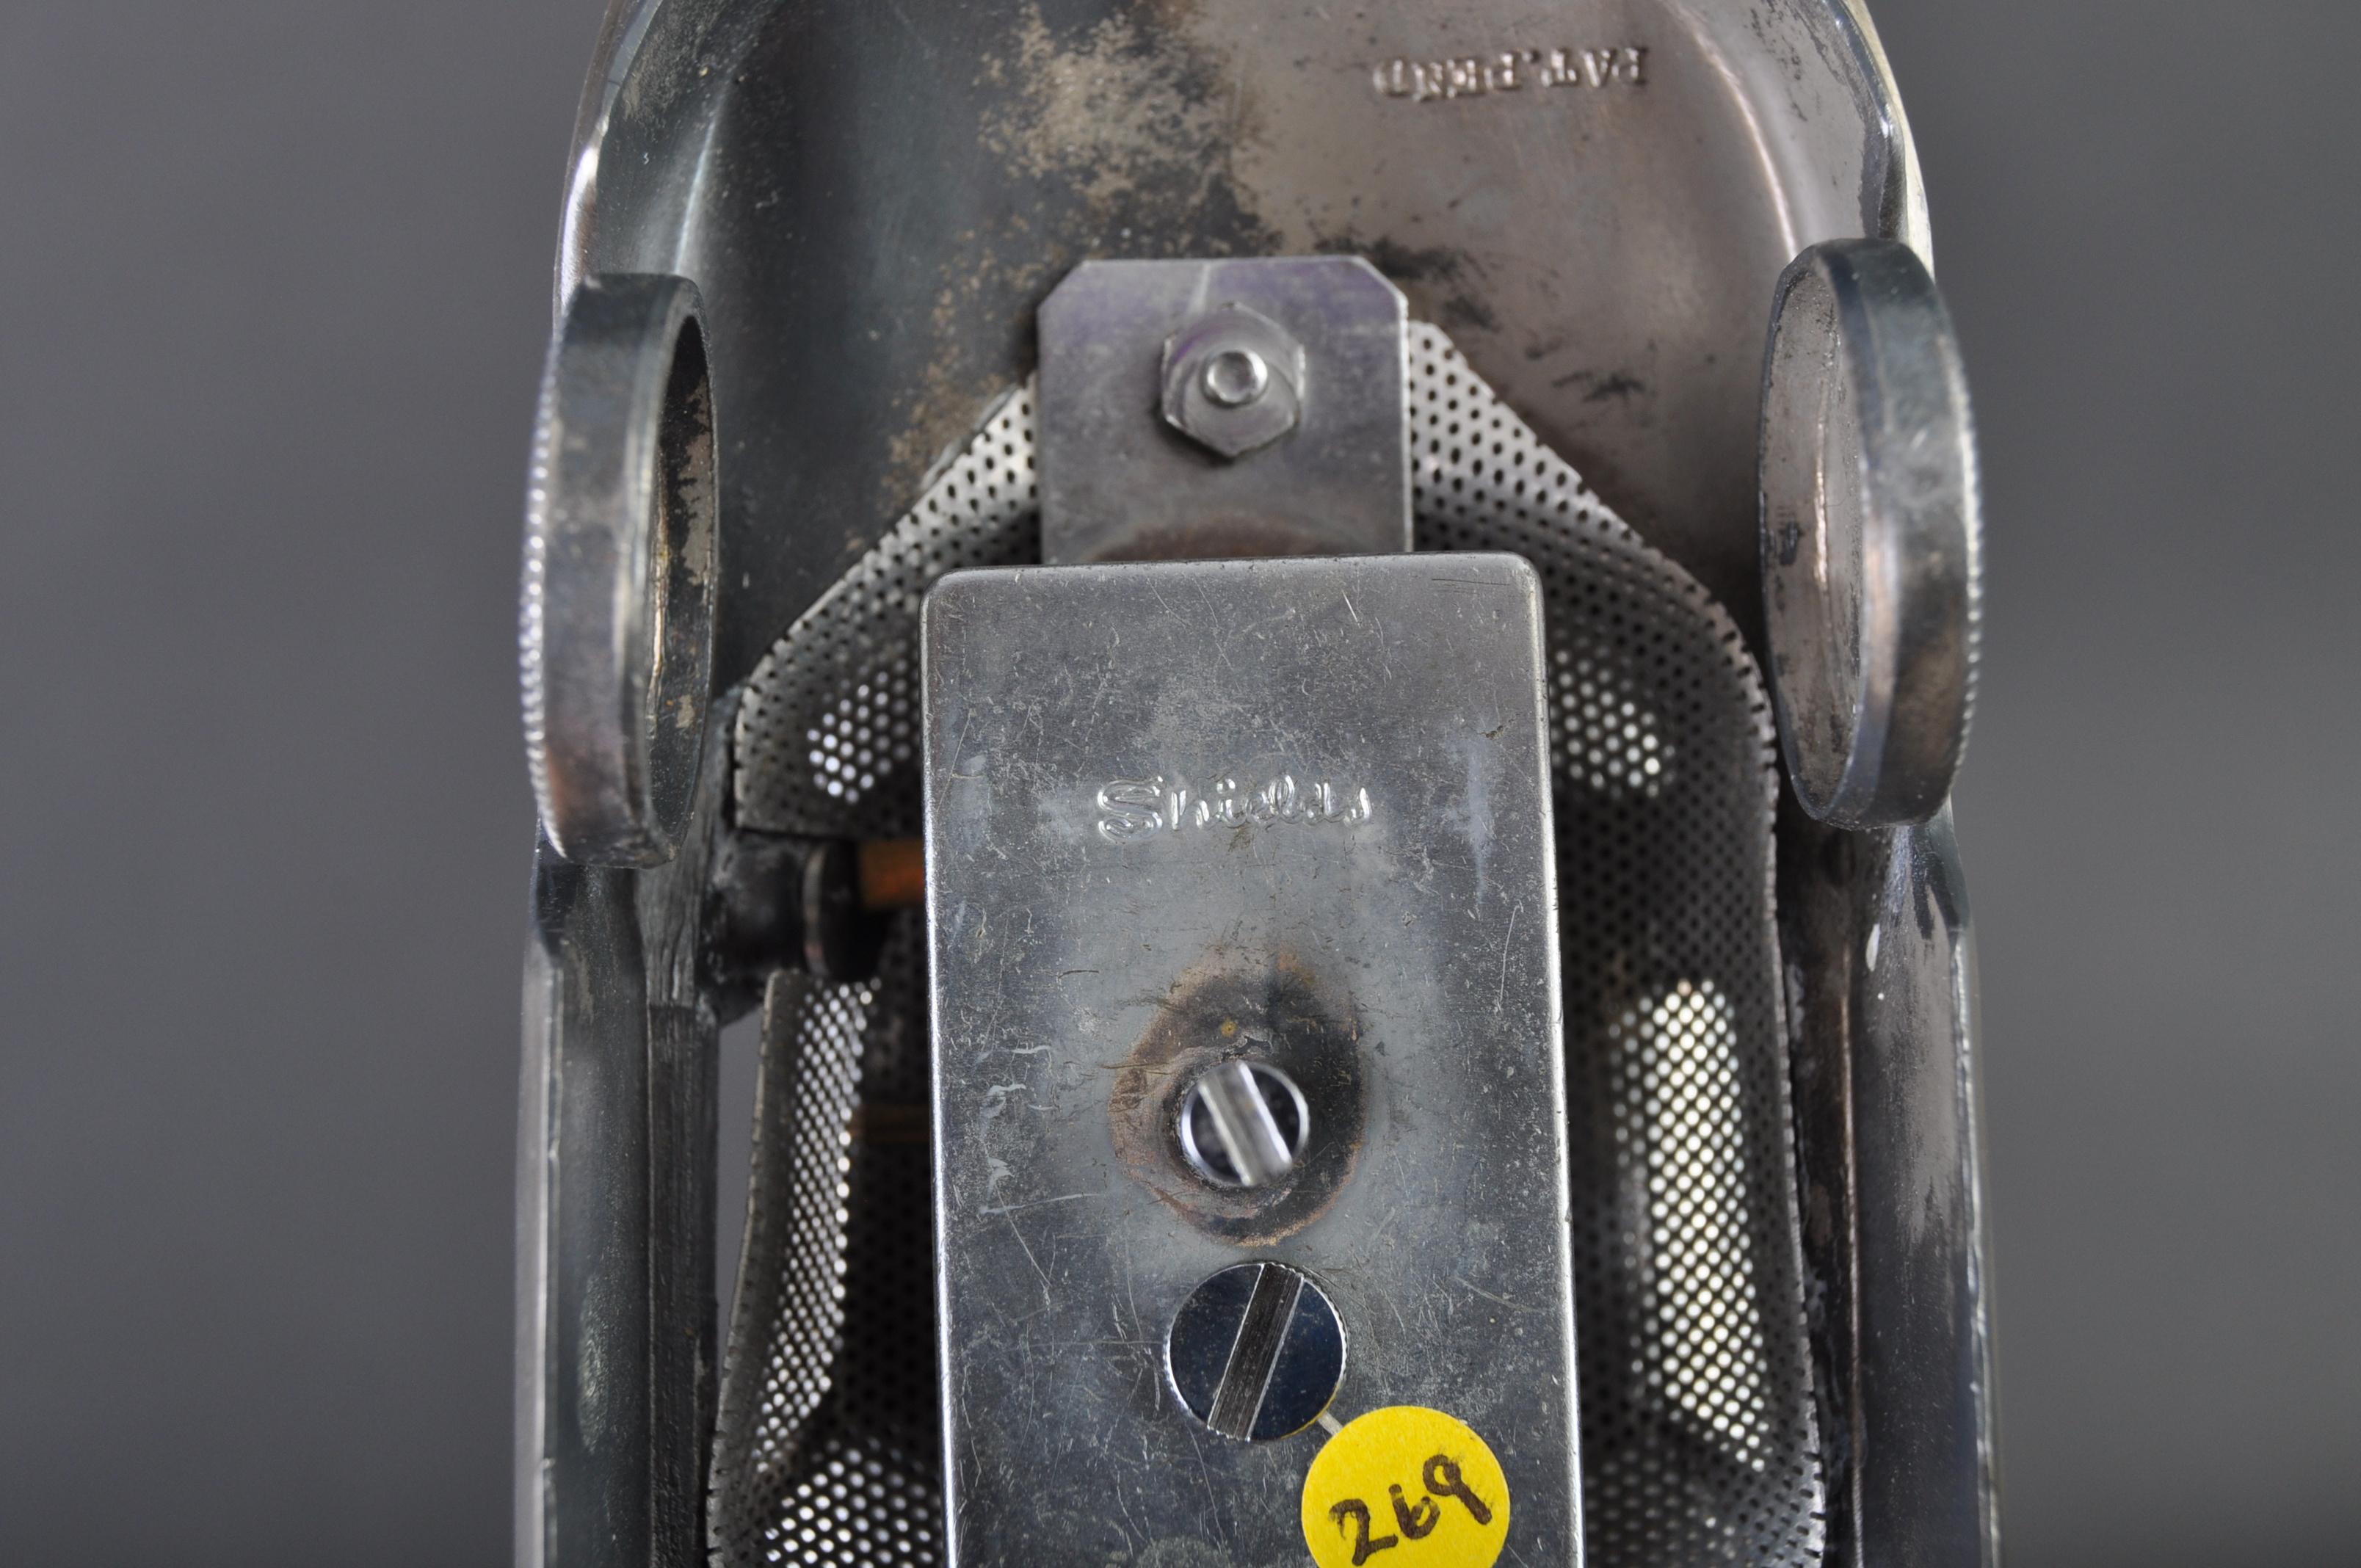 JAGUAR - VINTAGE PEWTER E-TYPE CIGARETTE LIGHTER - Image 8 of 8